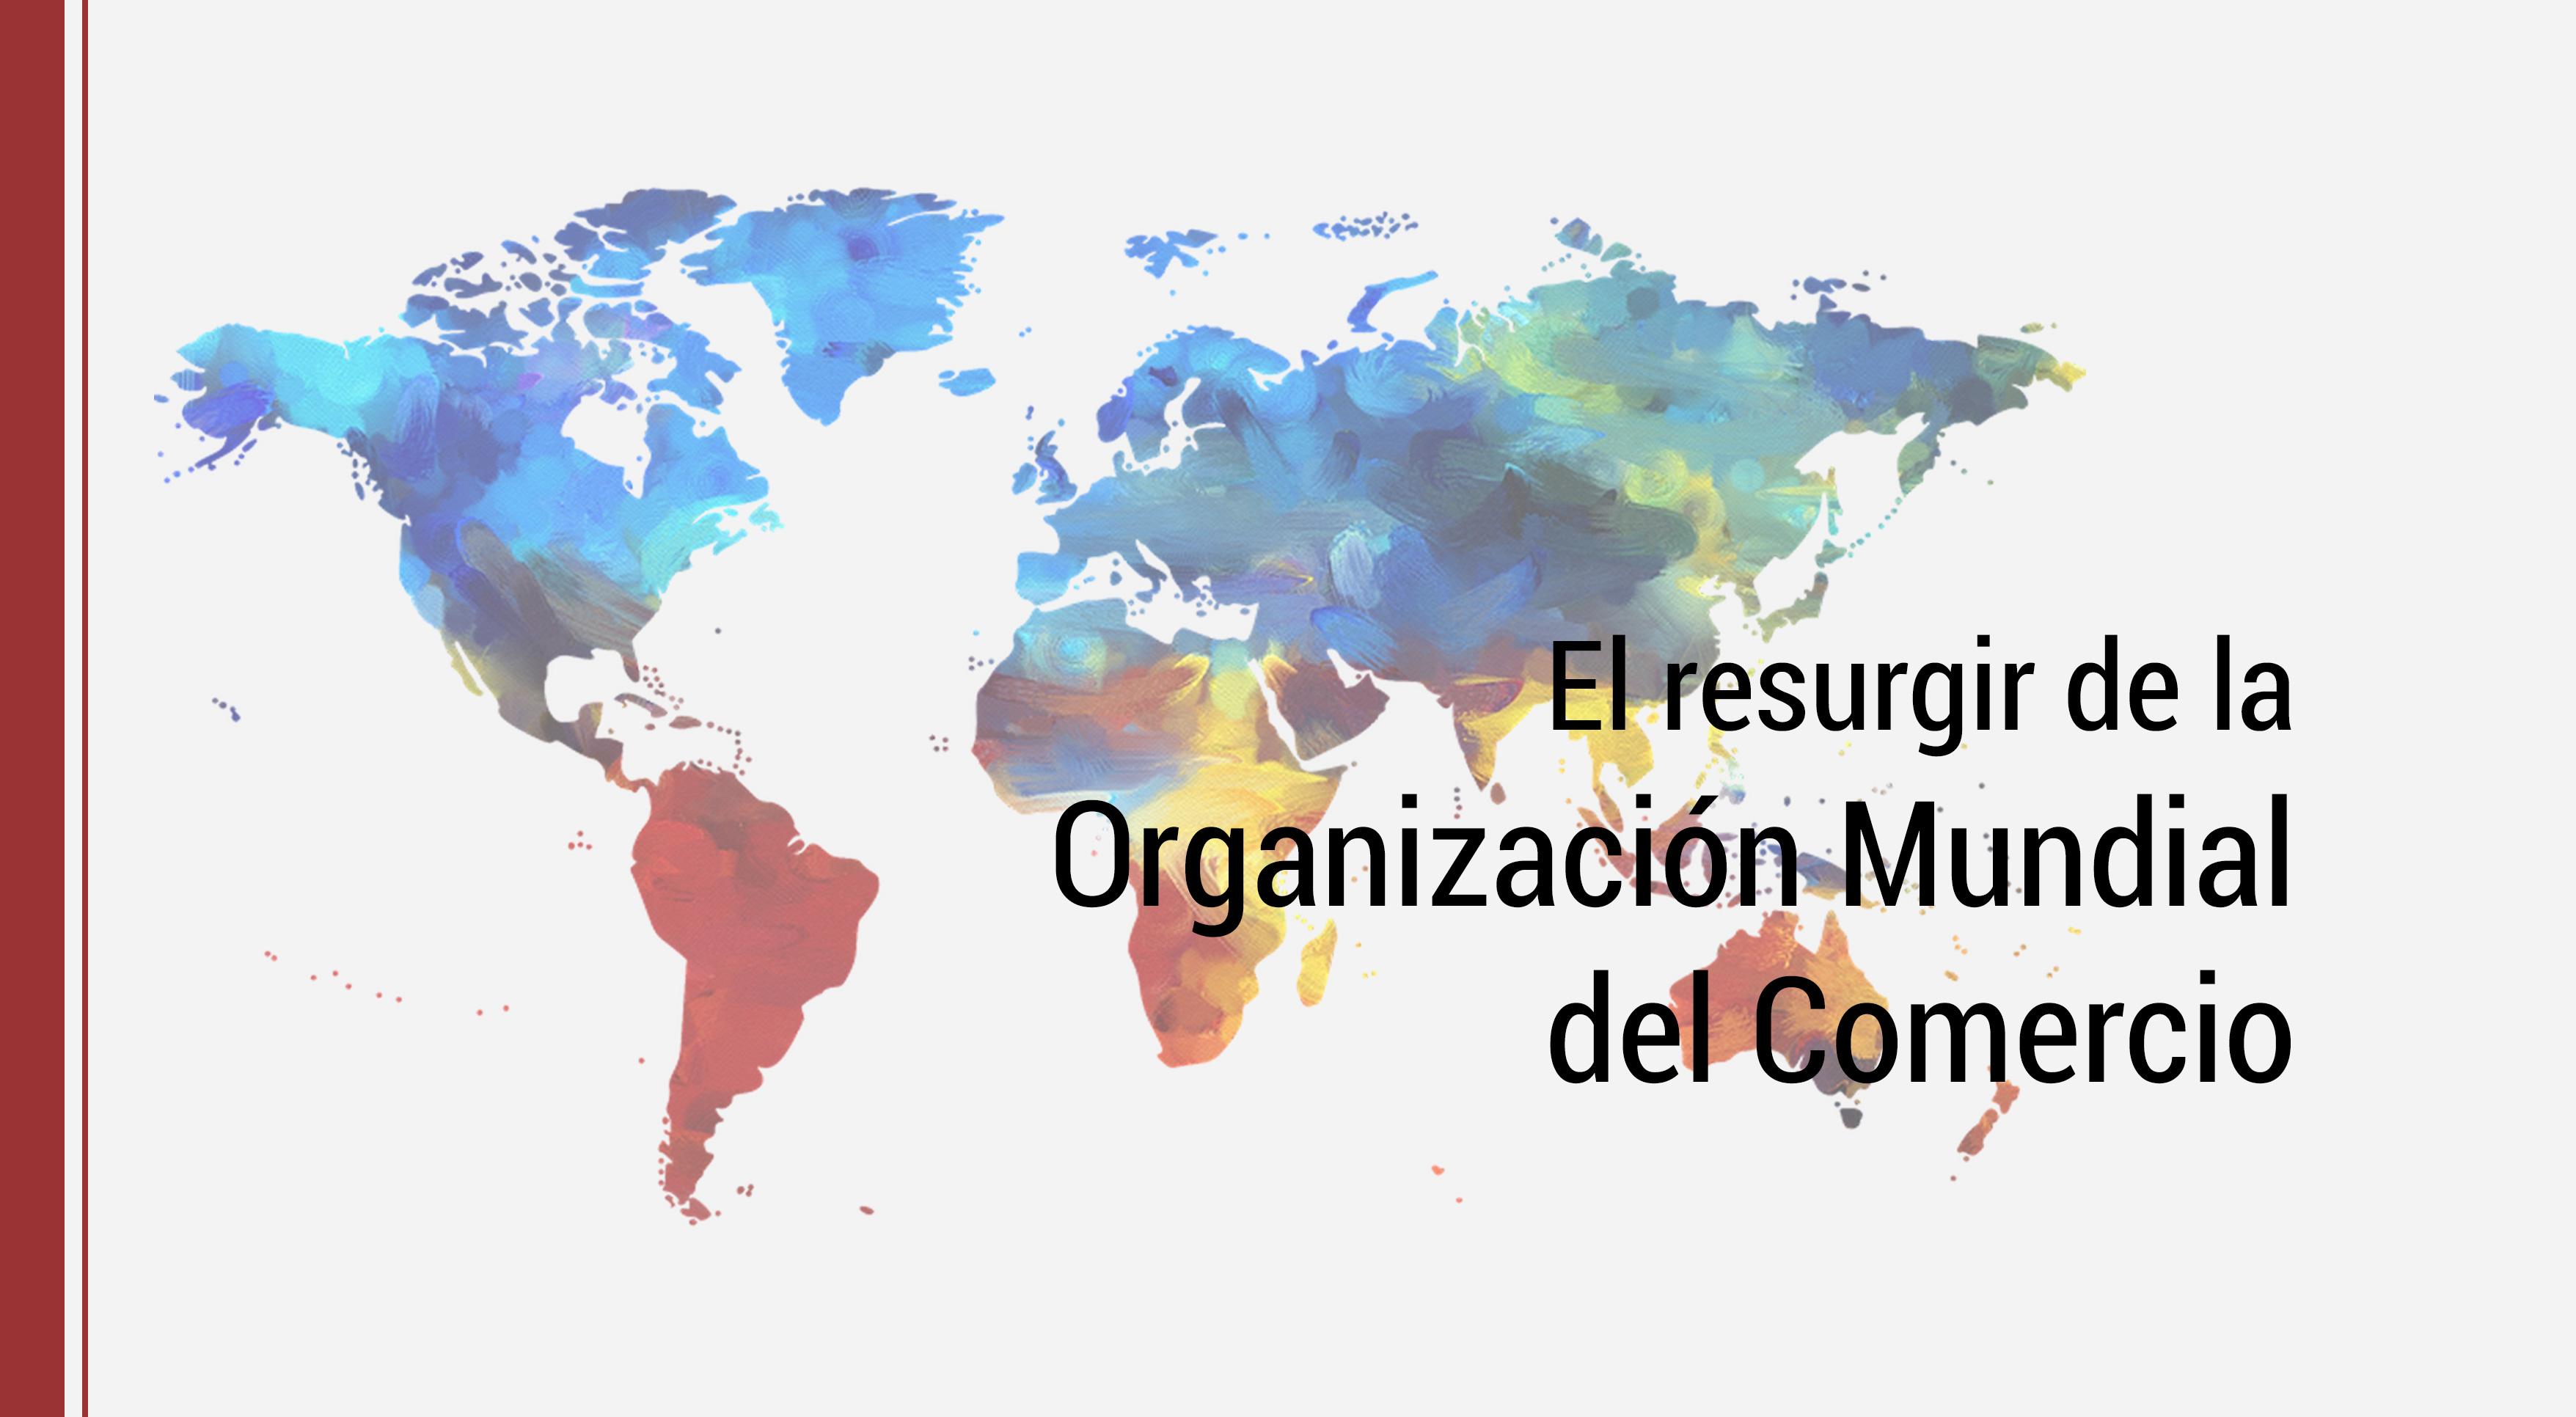 resurgir-organizacion-mundial-del-comercio El resurgir de la Organización Mundial del Comercio